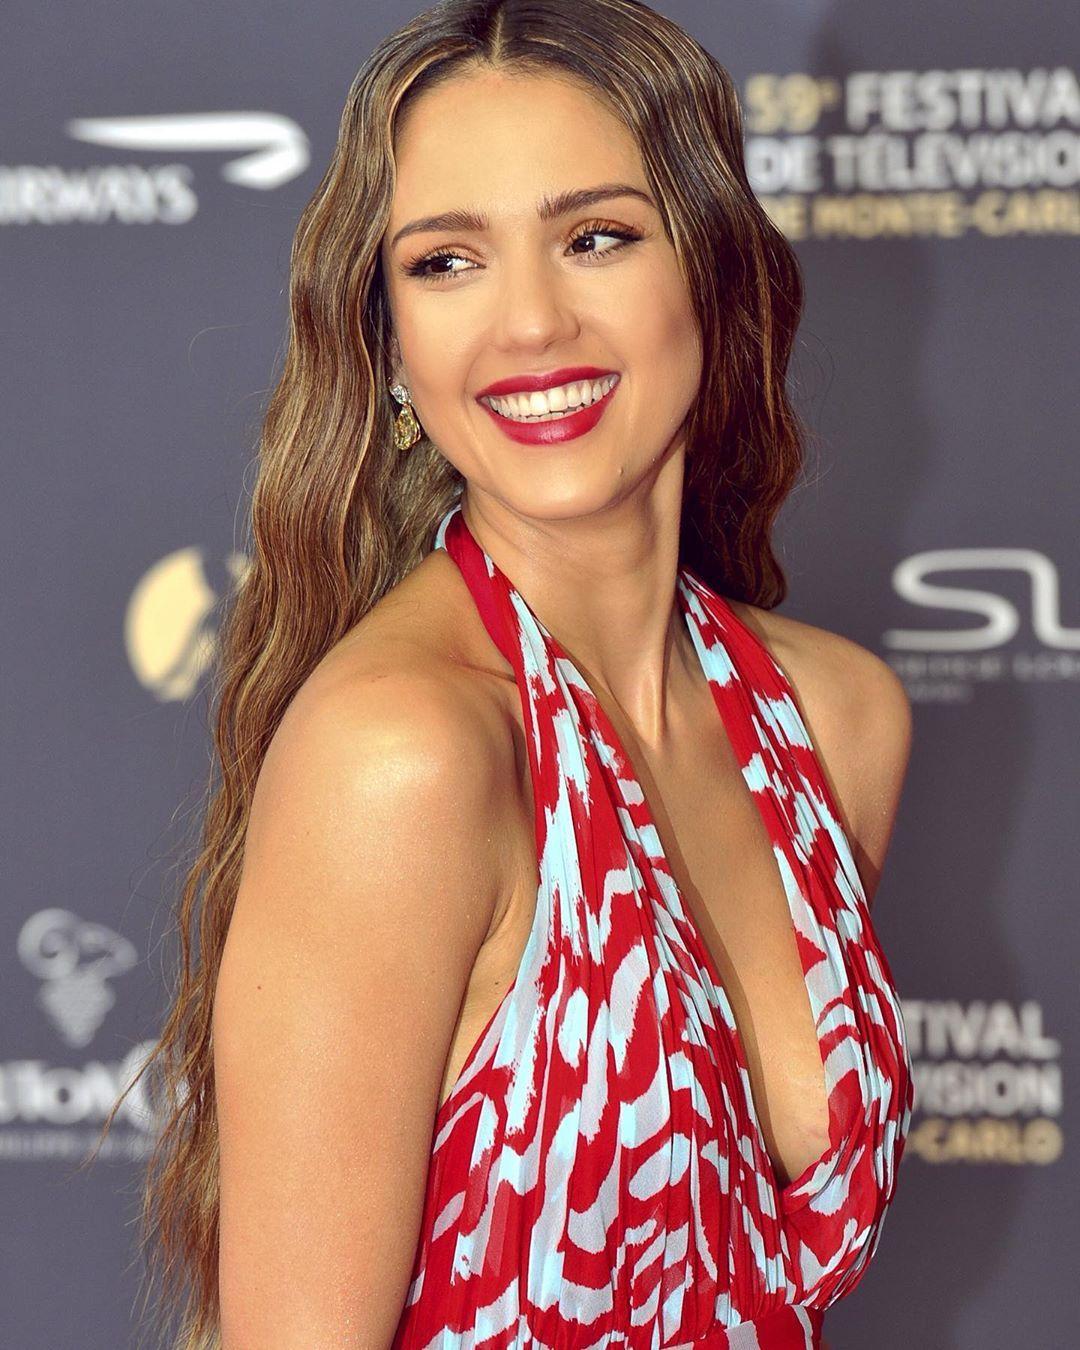 """Photo of Jessica Alba ✨ on Instagram: """"2019  @jessicaalba #new  #jessicaalba #face #beauty #beautiful #smile #dress #black #vanityfair #makeup #hair #diamond #selenagomez…"""""""